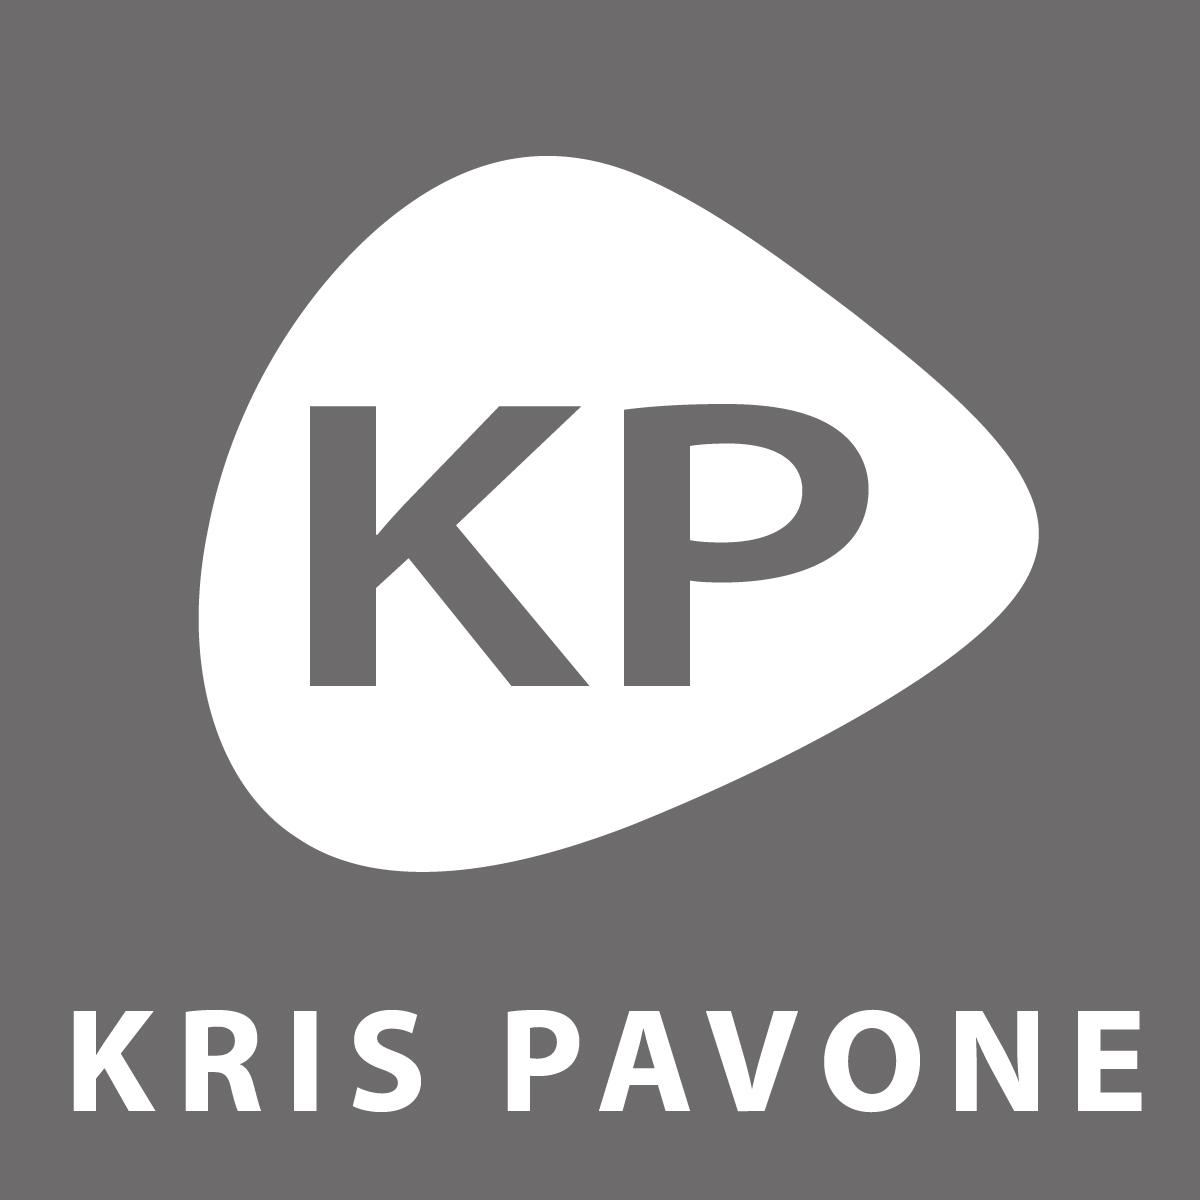 Kris Pavone